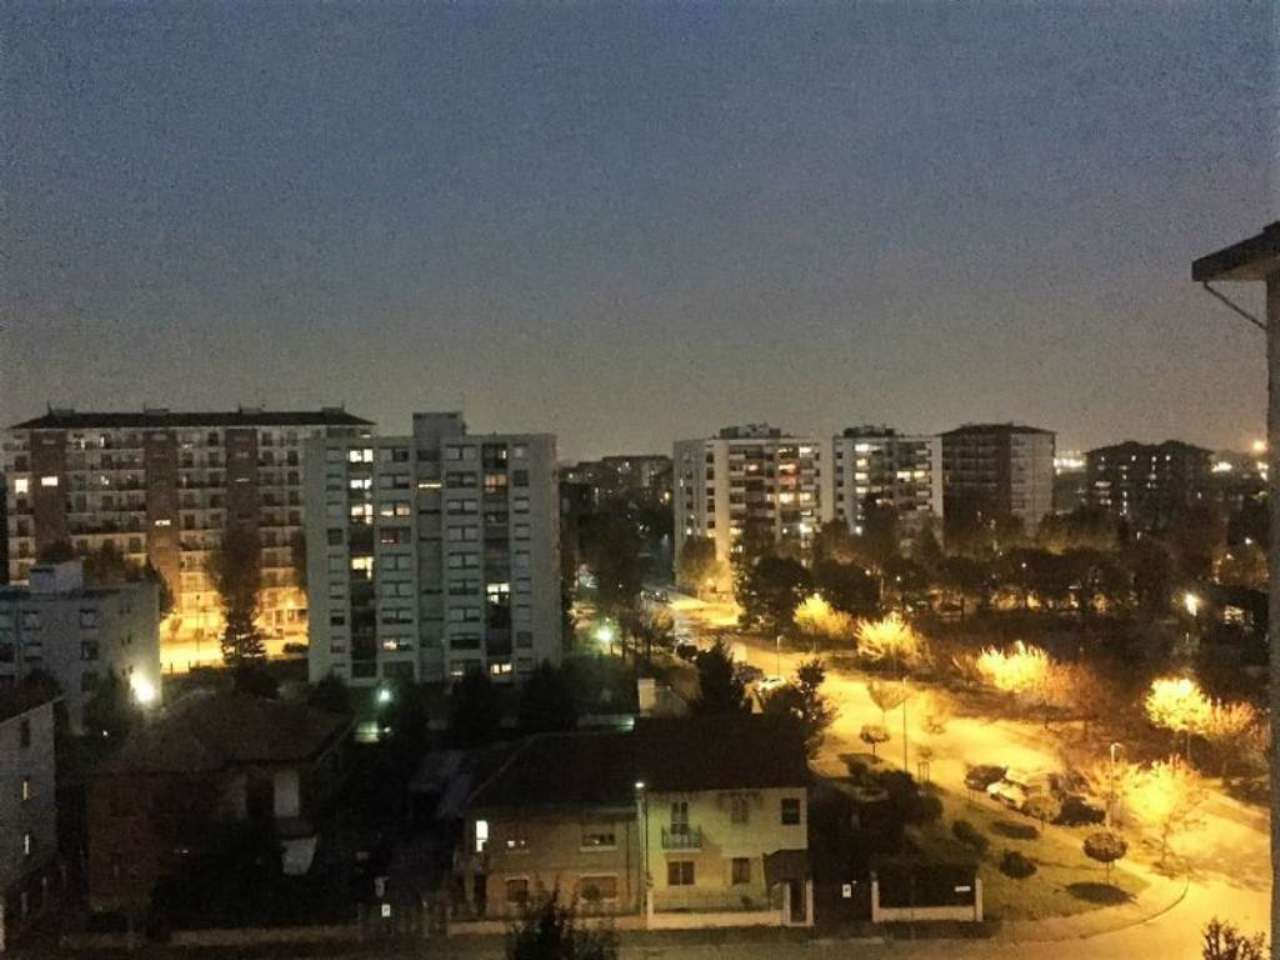 Appartamento in vendita a Grugliasco, 4 locali, prezzo € 165.000 | CambioCasa.it